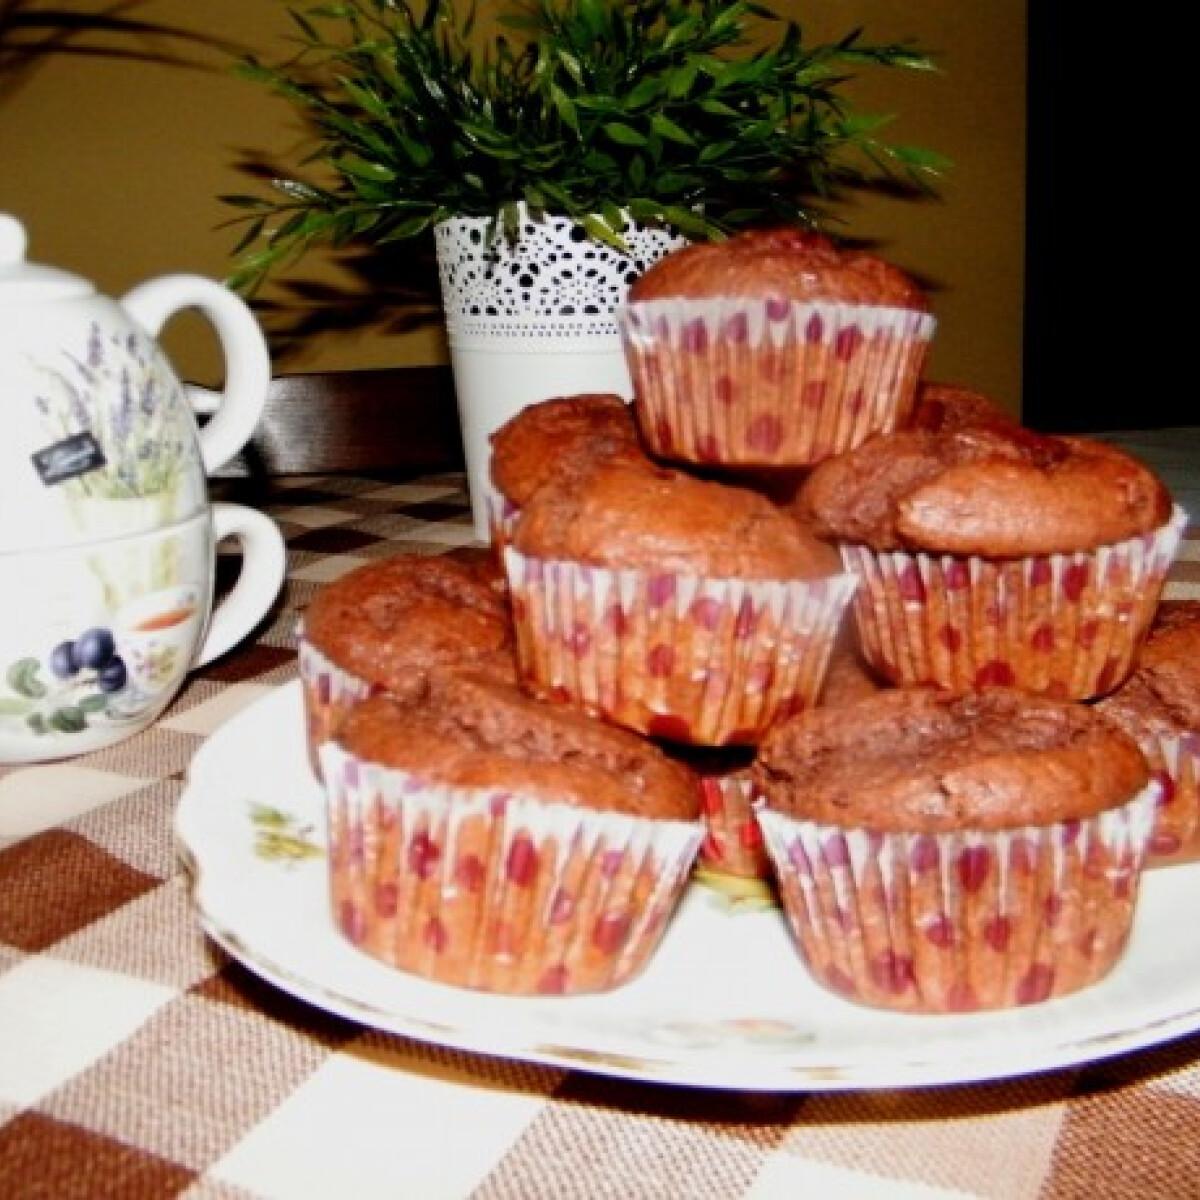 Ezen a képen: Kakaós-meggyes muffin Világom ízei konyhájából